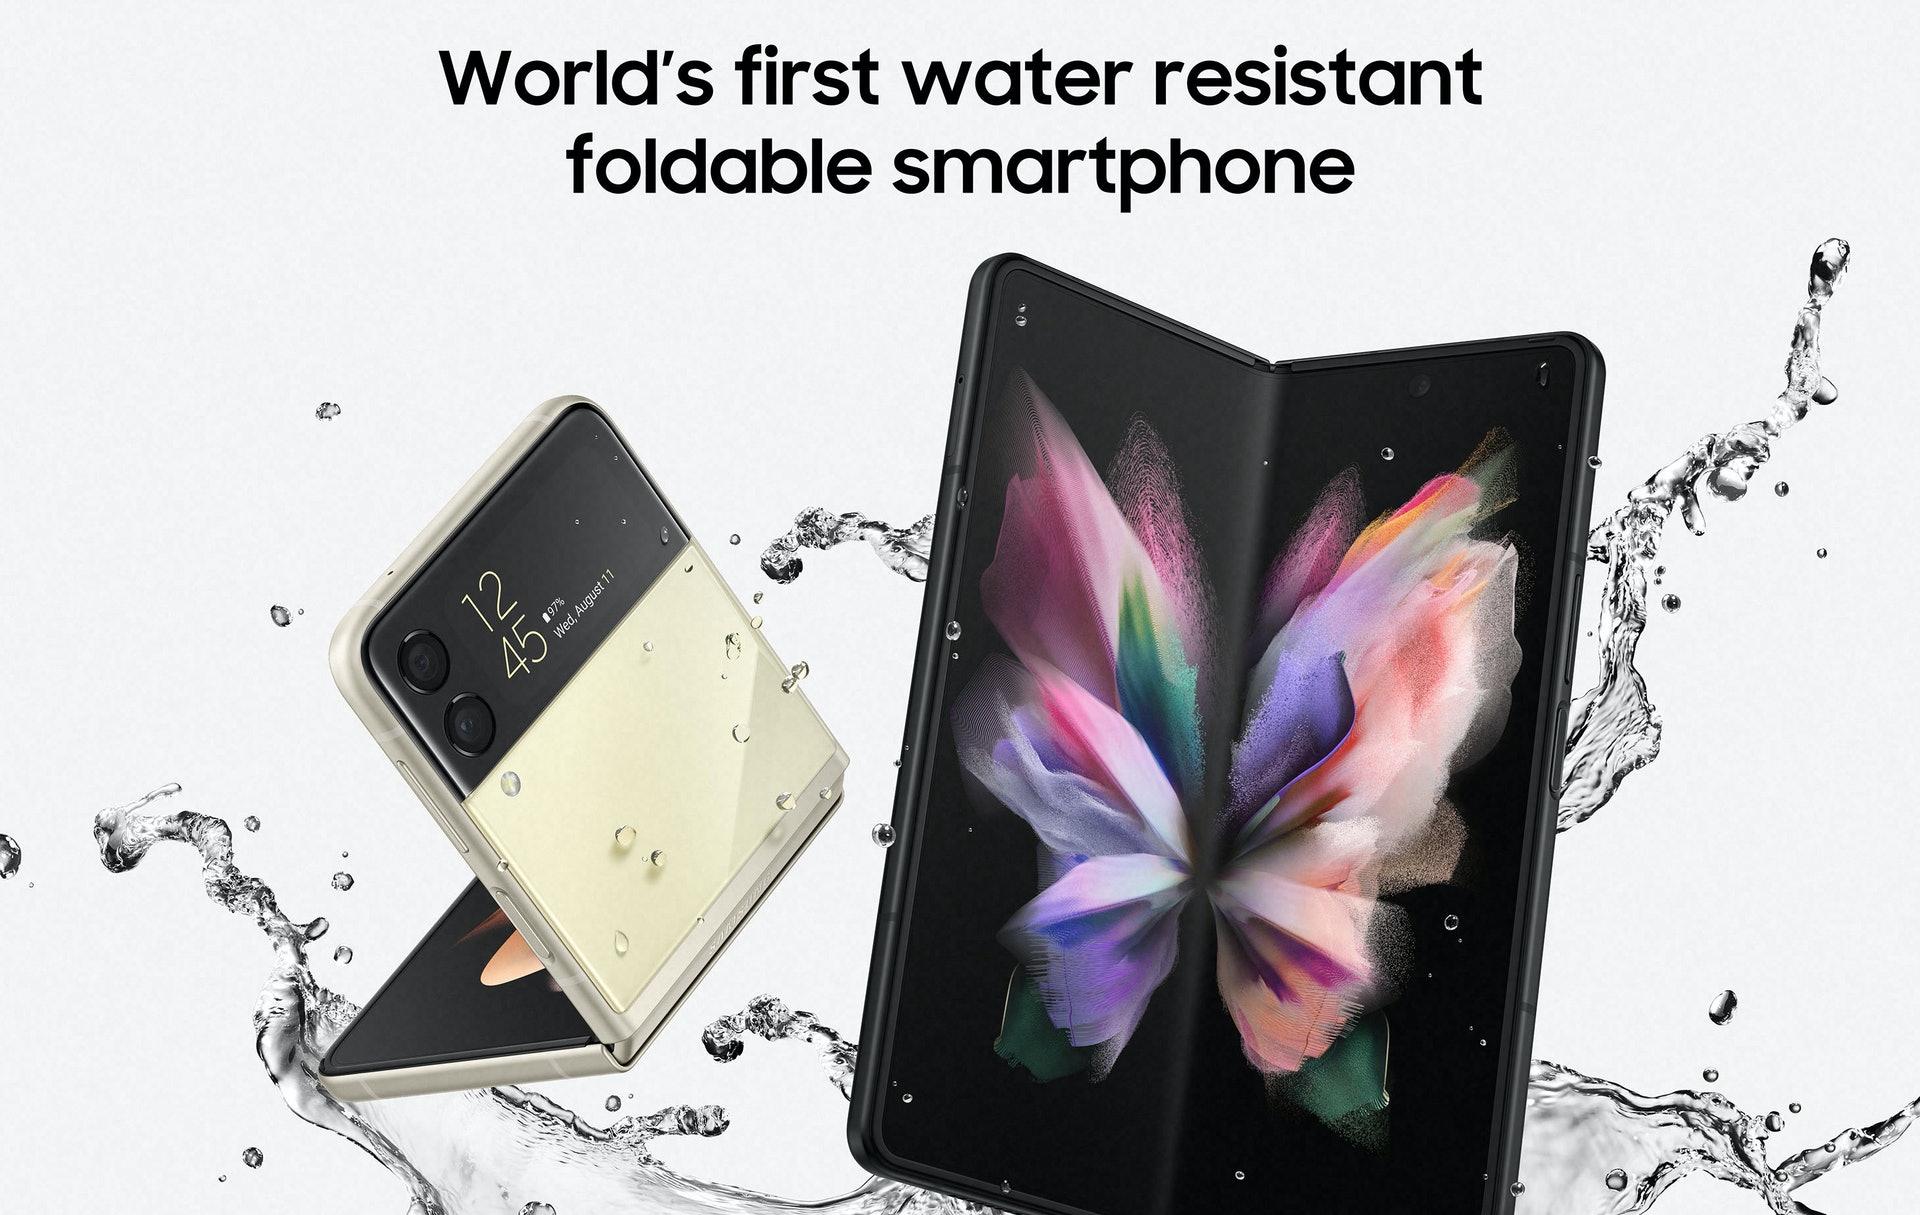 今代 Galaxy Z Fold3 及 Flip3 的機身物料及設計亦加強耐用度,除了採用比上代強 10% 的鋁金屬物料,更首次加入抗水能力,認證等級為 IPX8、即可以在 1.5 米水深沉浸 30 分鐘。(圖 Samsung)